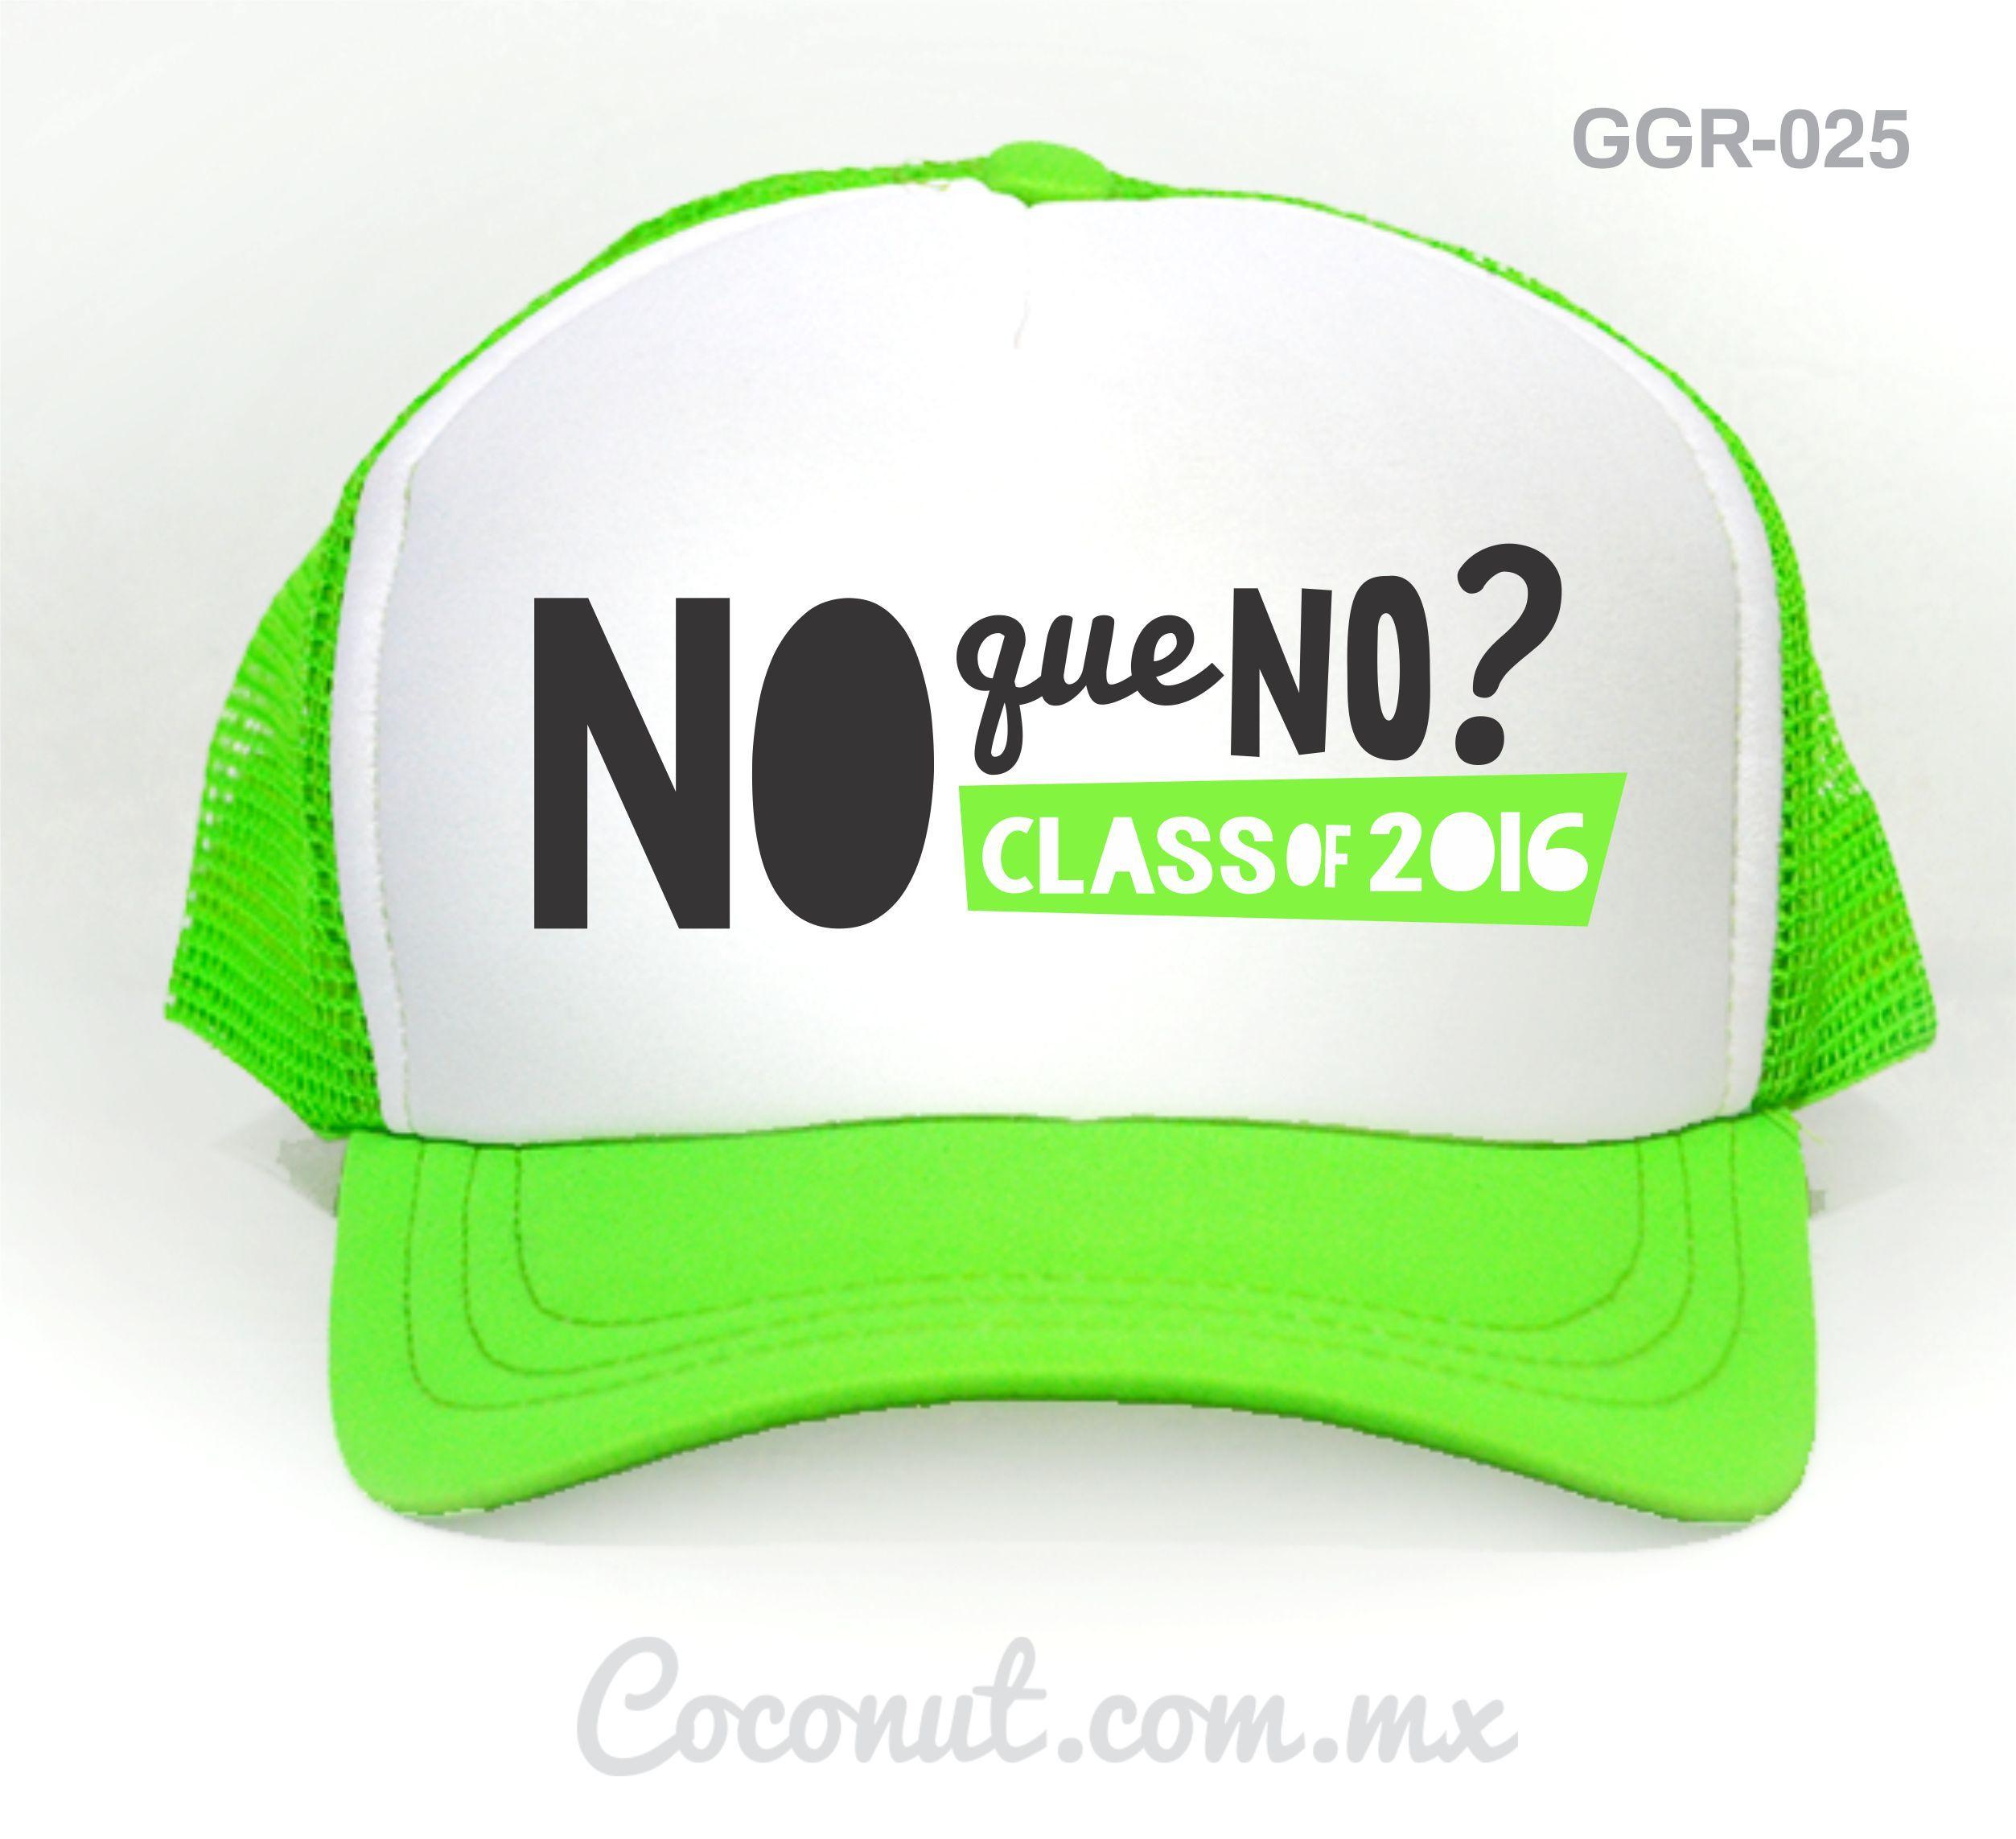 145db6a70e9e Gorras personalizadas en color neón by Fokus | souvenirs | Gorra ...